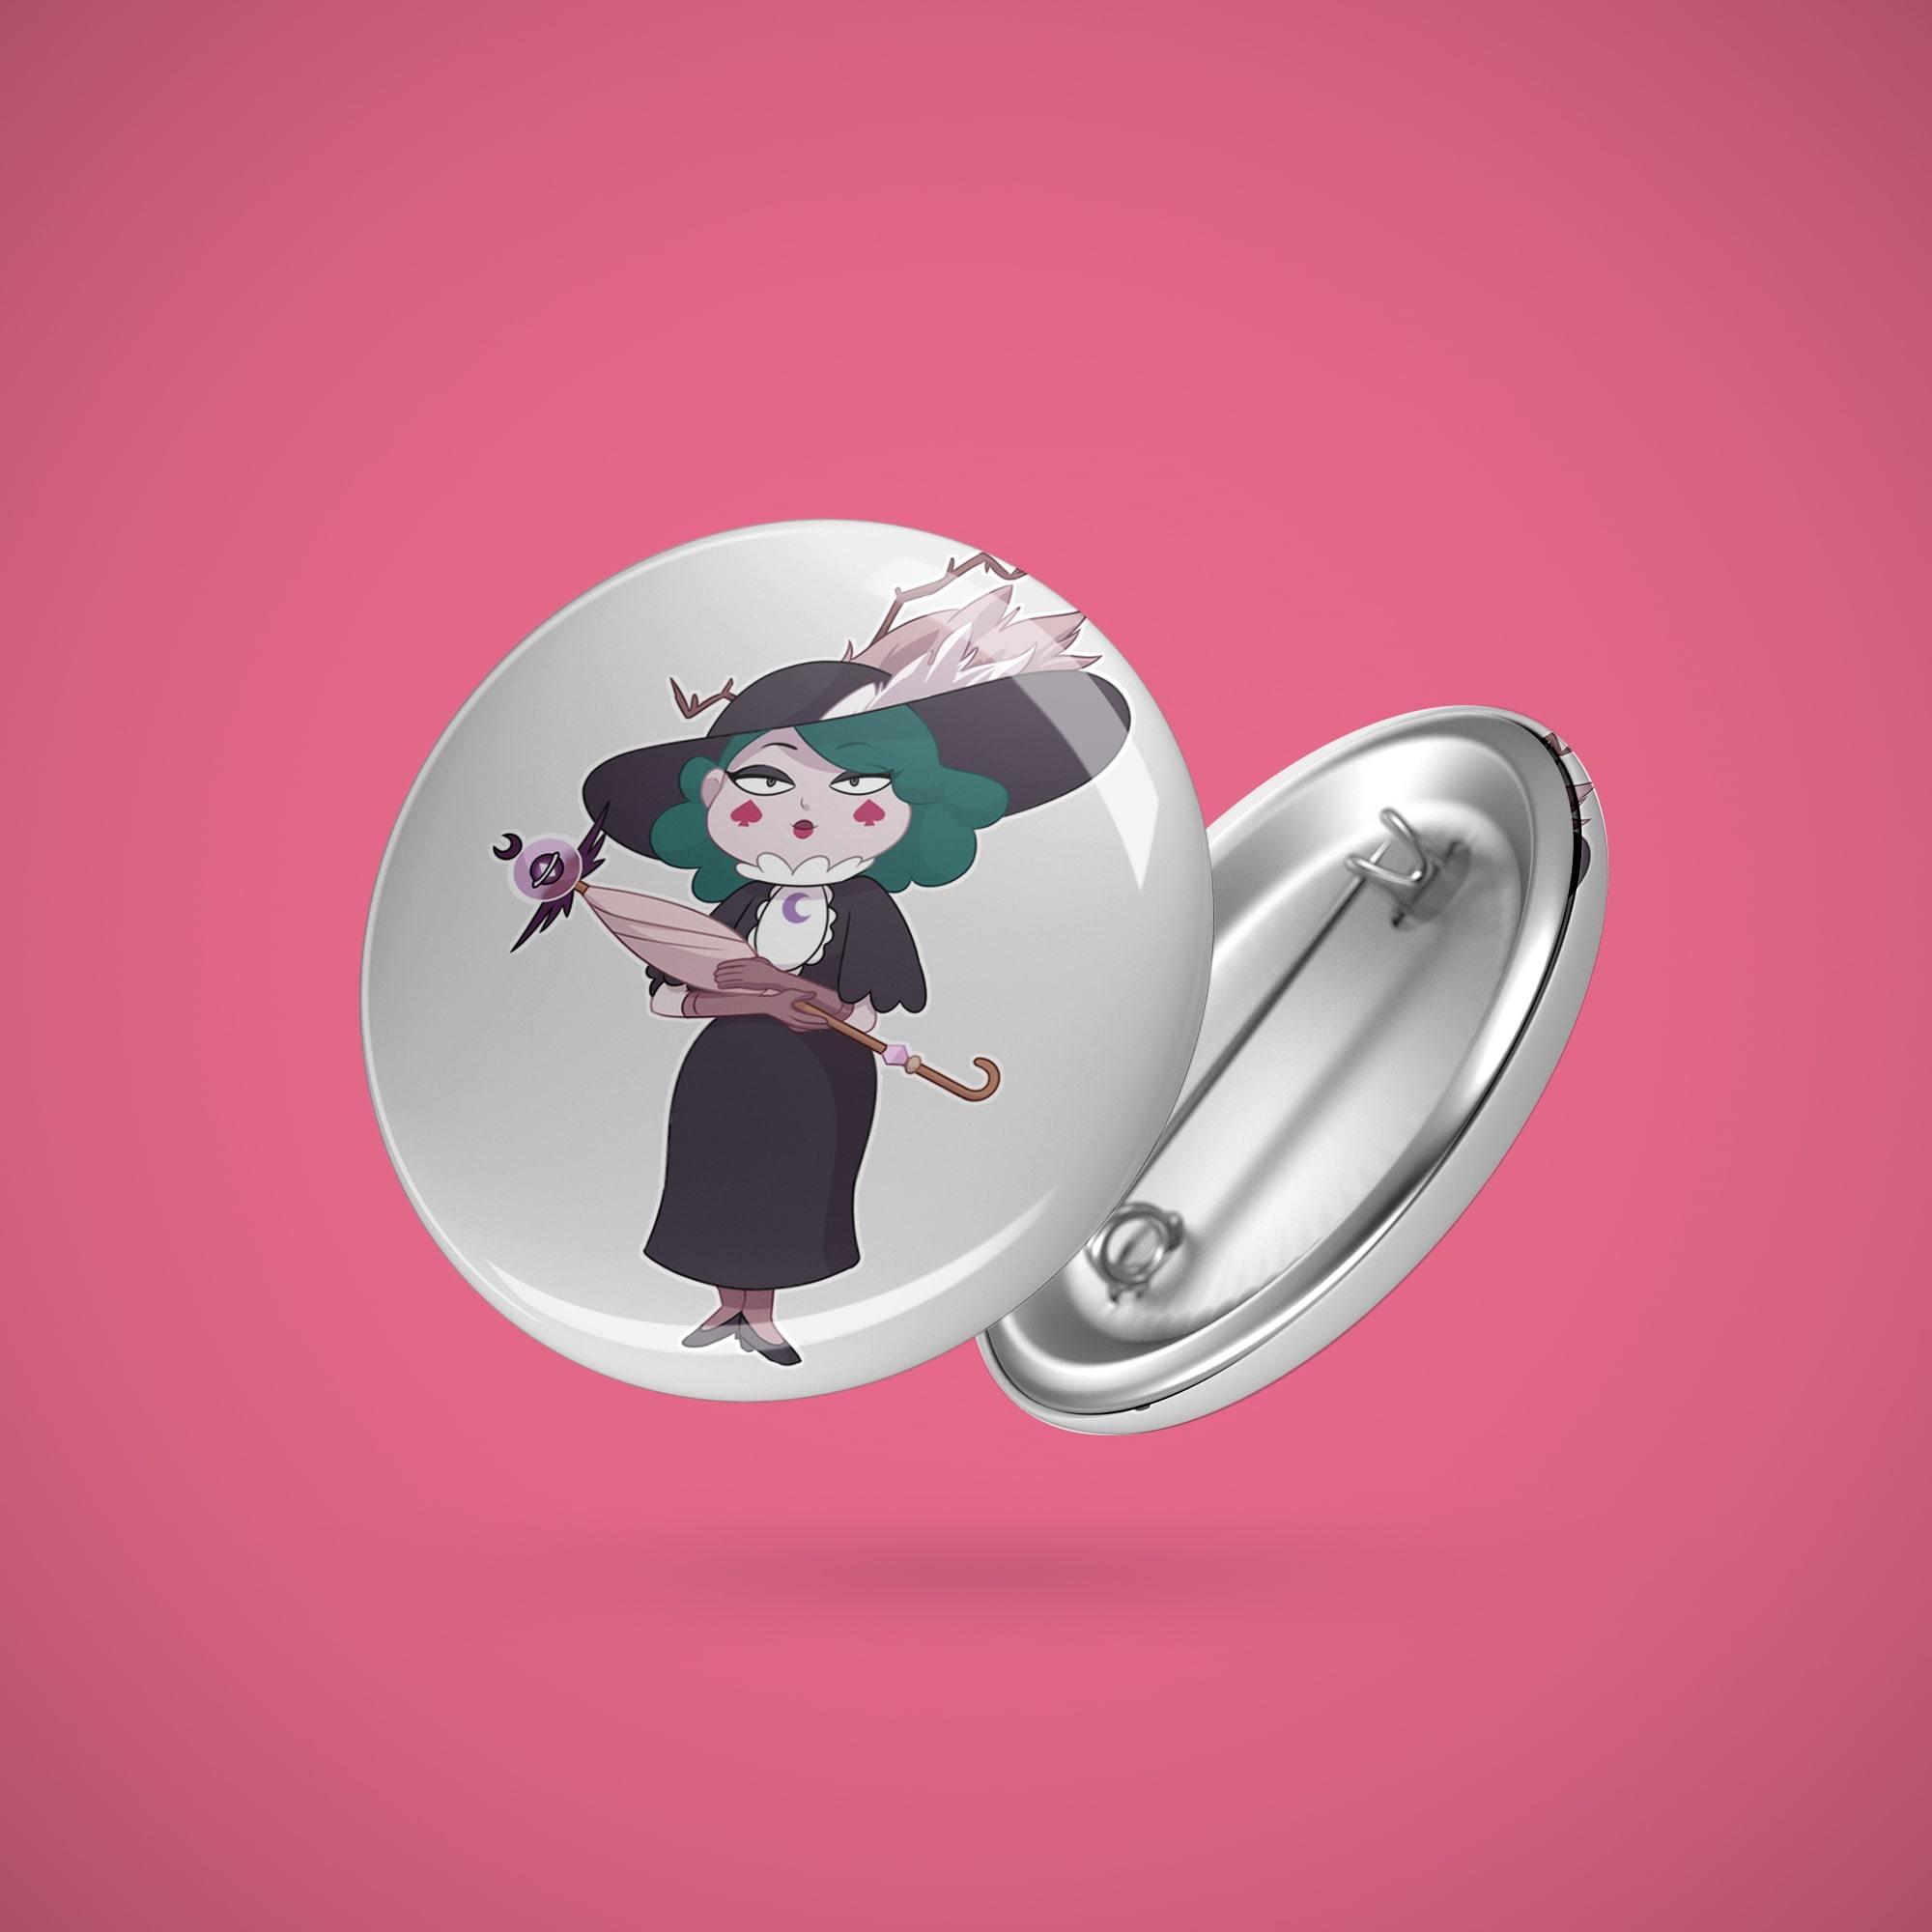 Значок с Эклипсой - купить в интернет-магазине kinoshop24.ru с быстрой доставкой